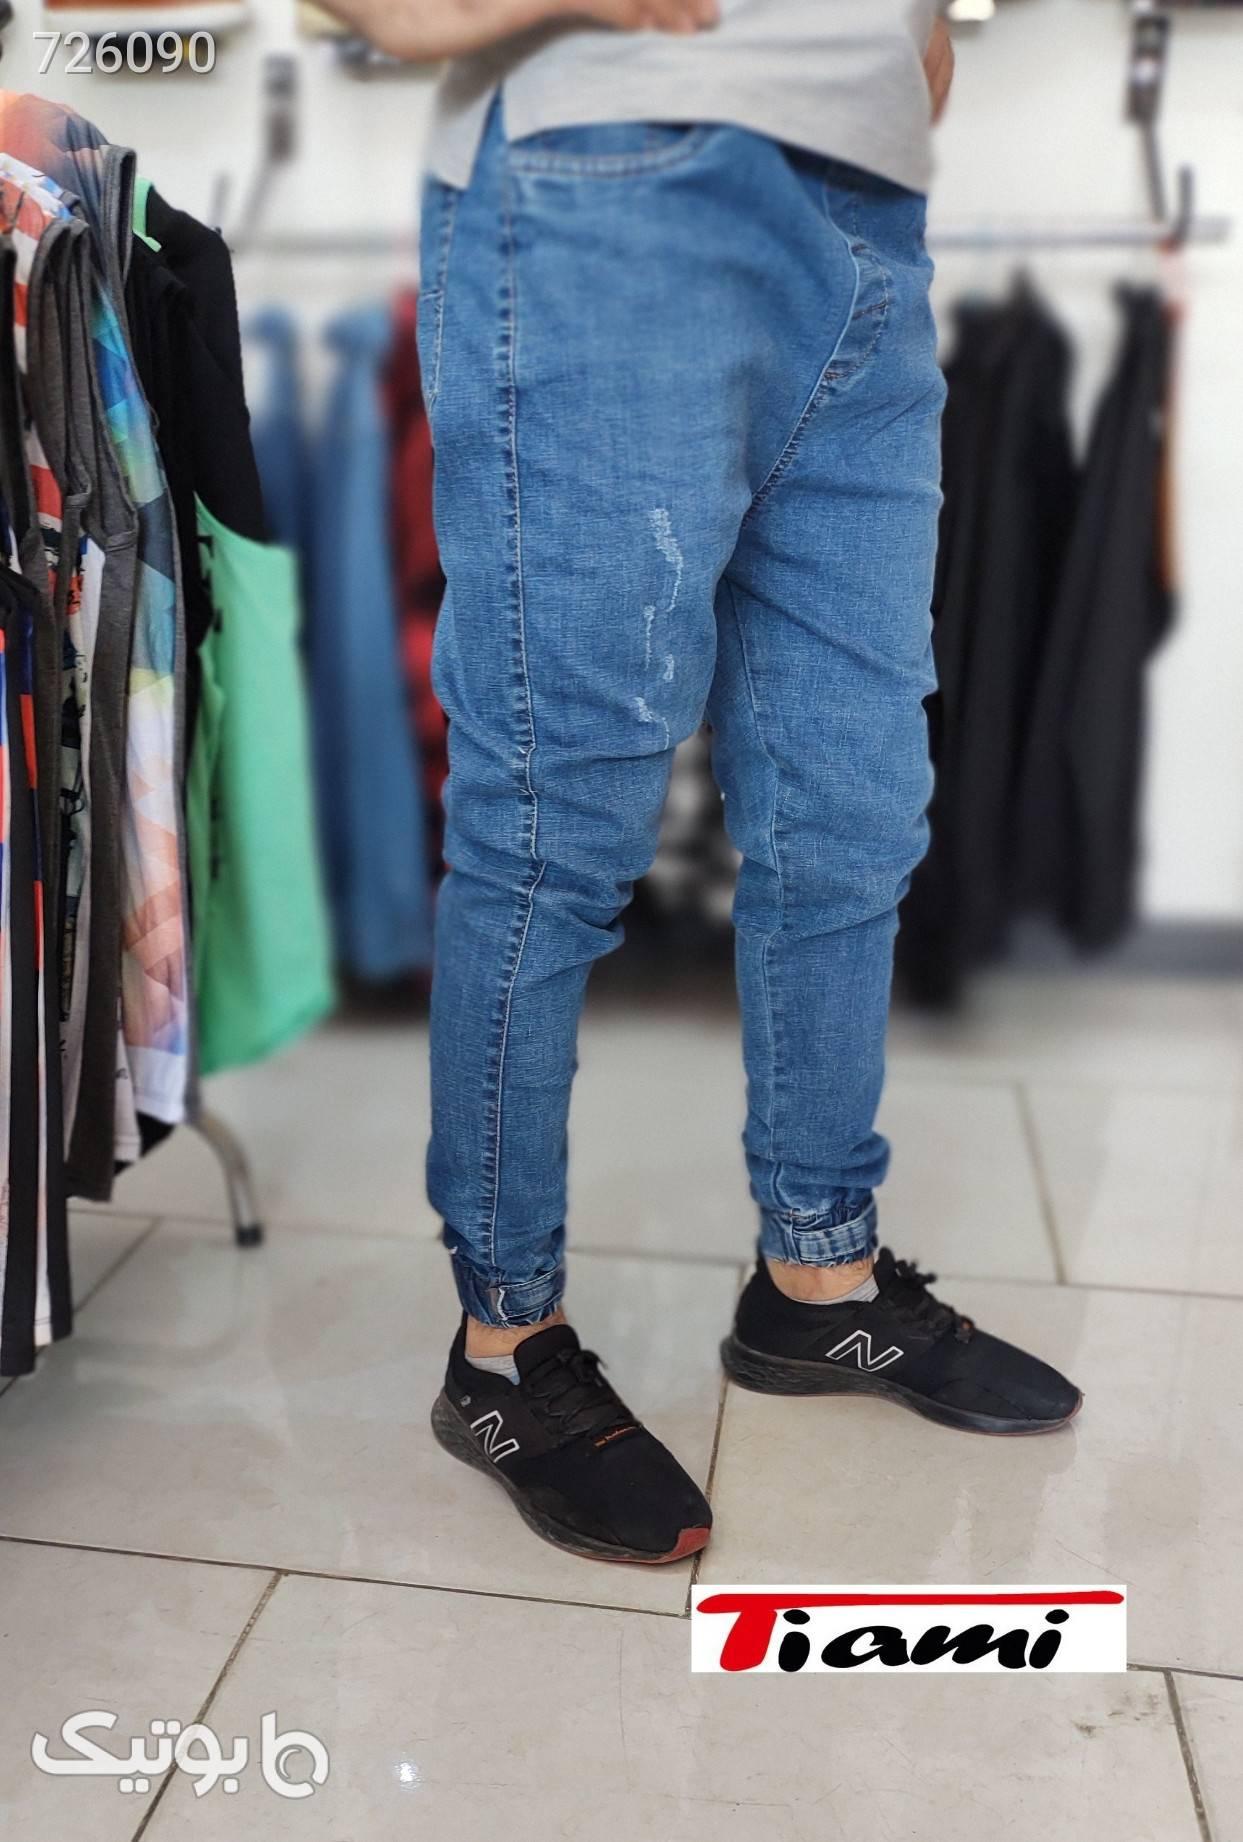 شلوار لی دمپا کش نیم فاق ترک  آبی شلوار جین مردانه